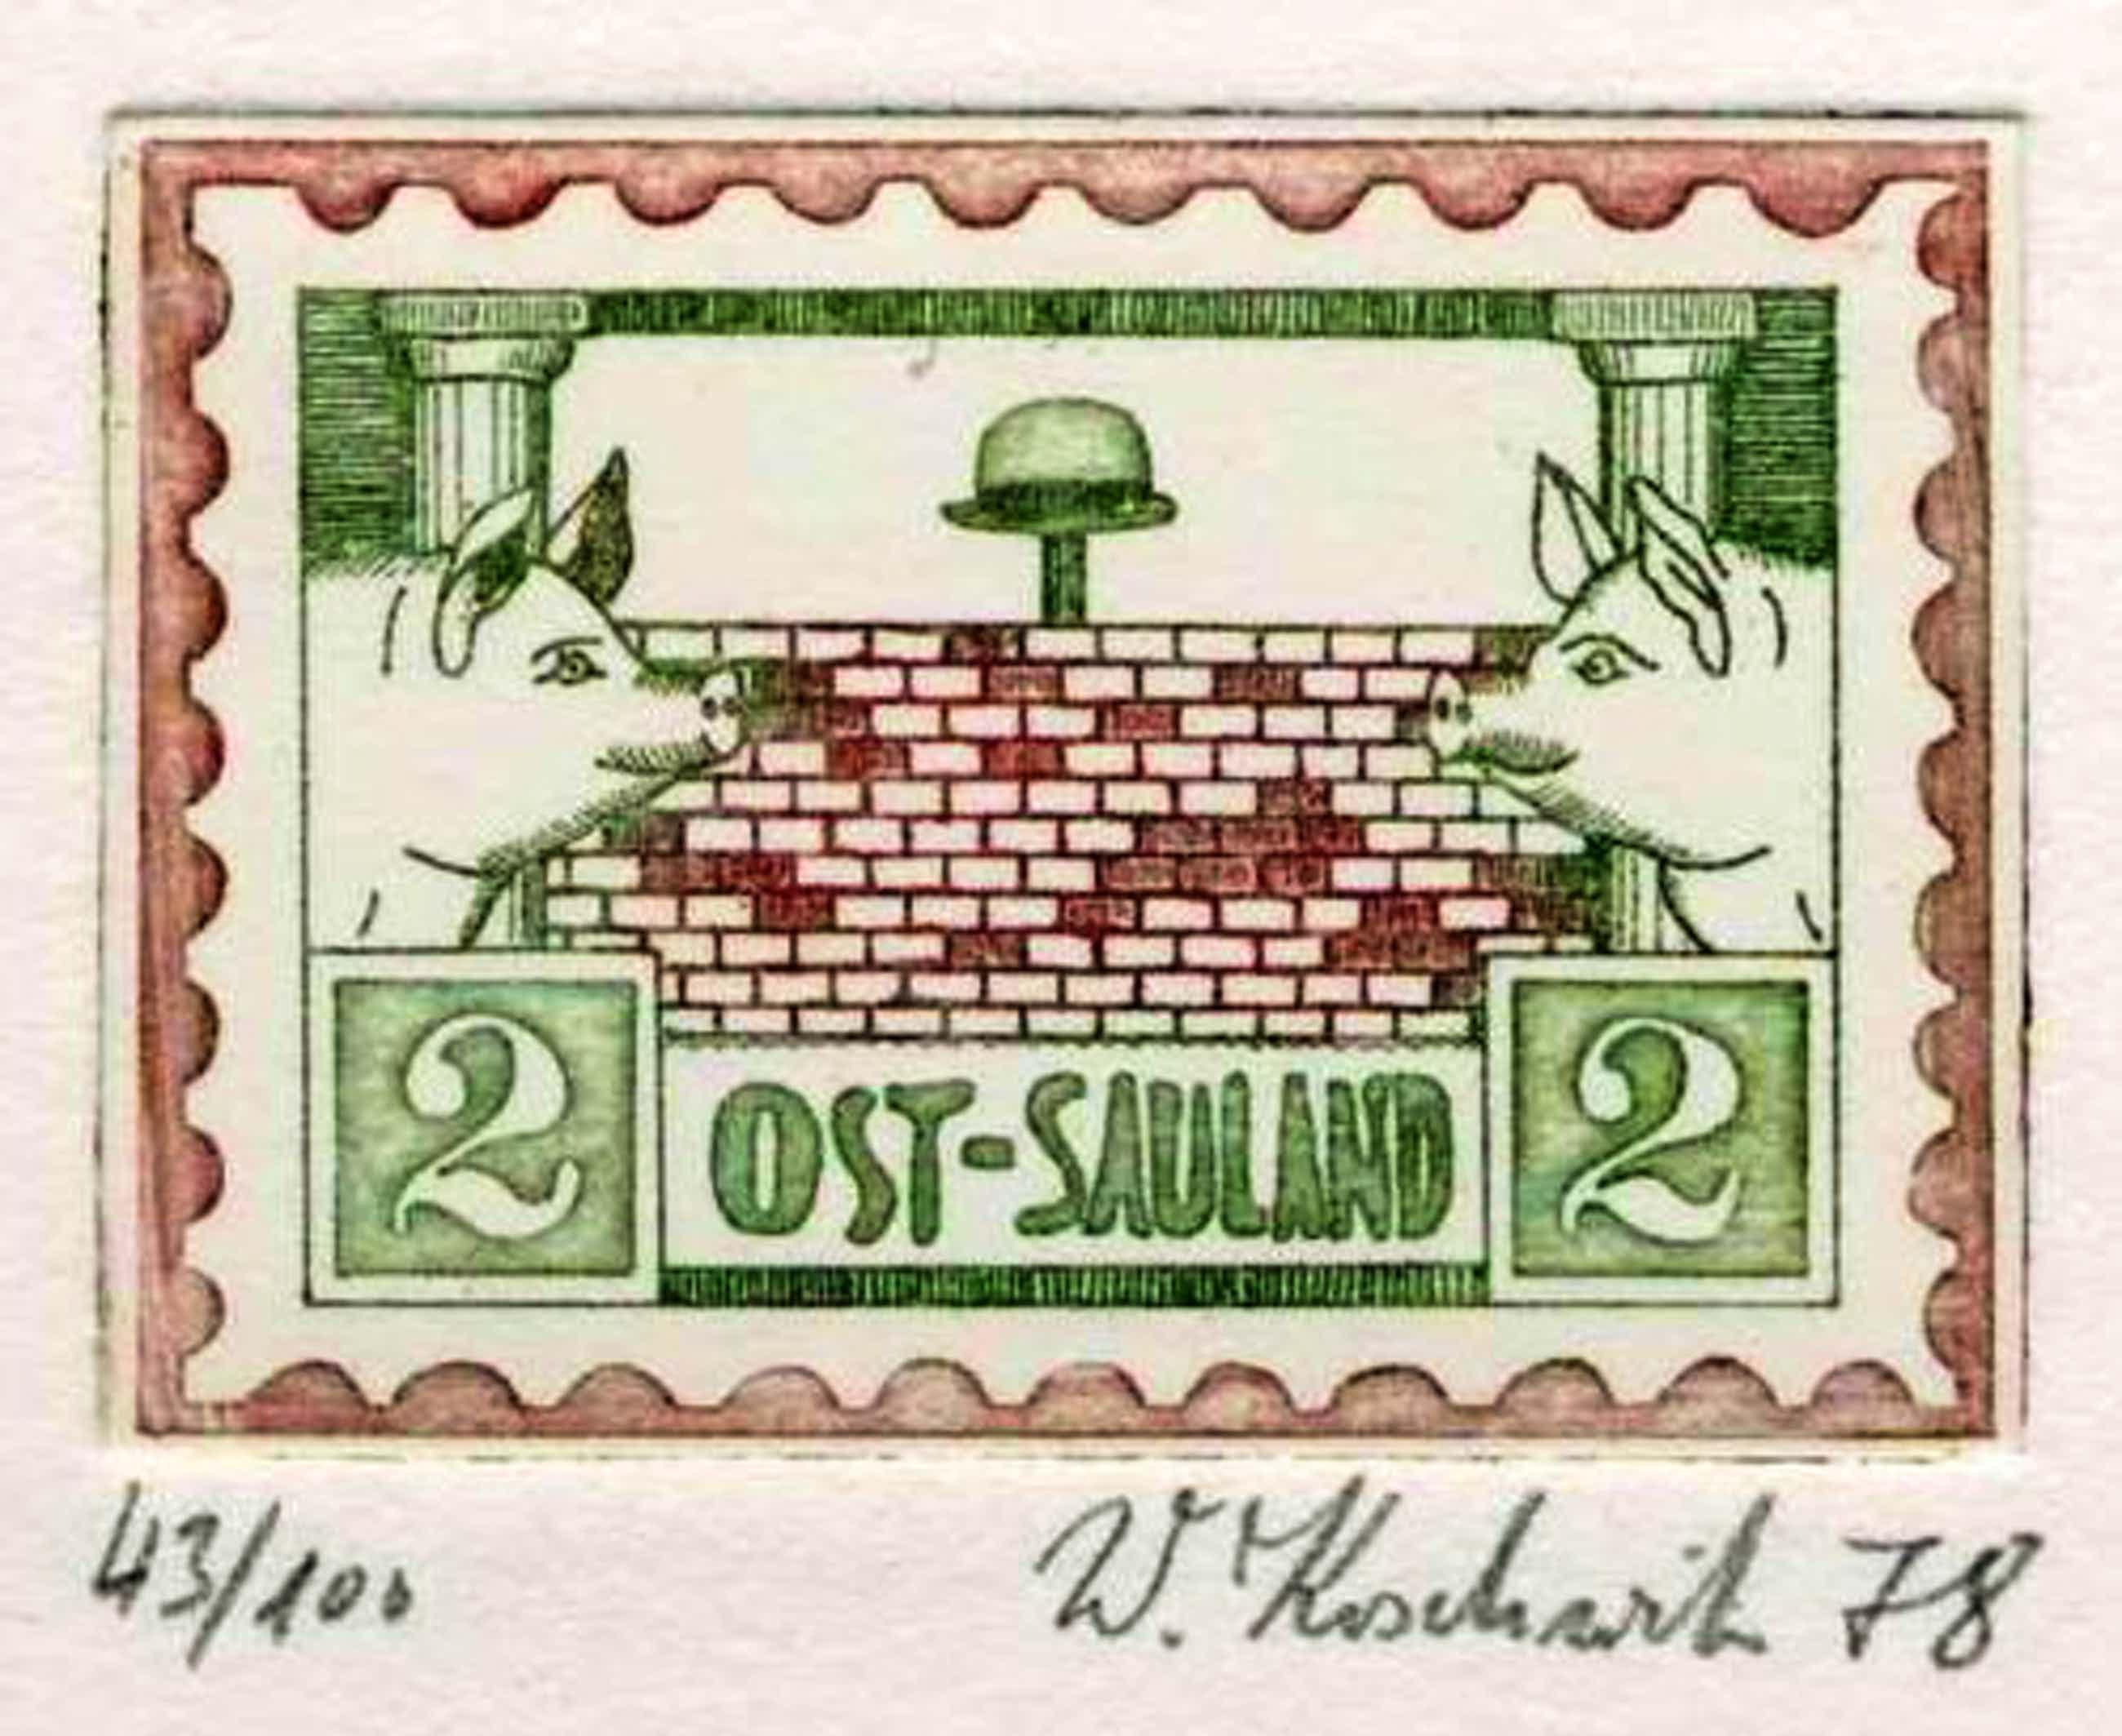 Walter Koschwitz - WEST-SAULAND & OST-SAULAND - 1978 - 2 Handsignierte Original Farbradierungen kopen? Bied vanaf 58!